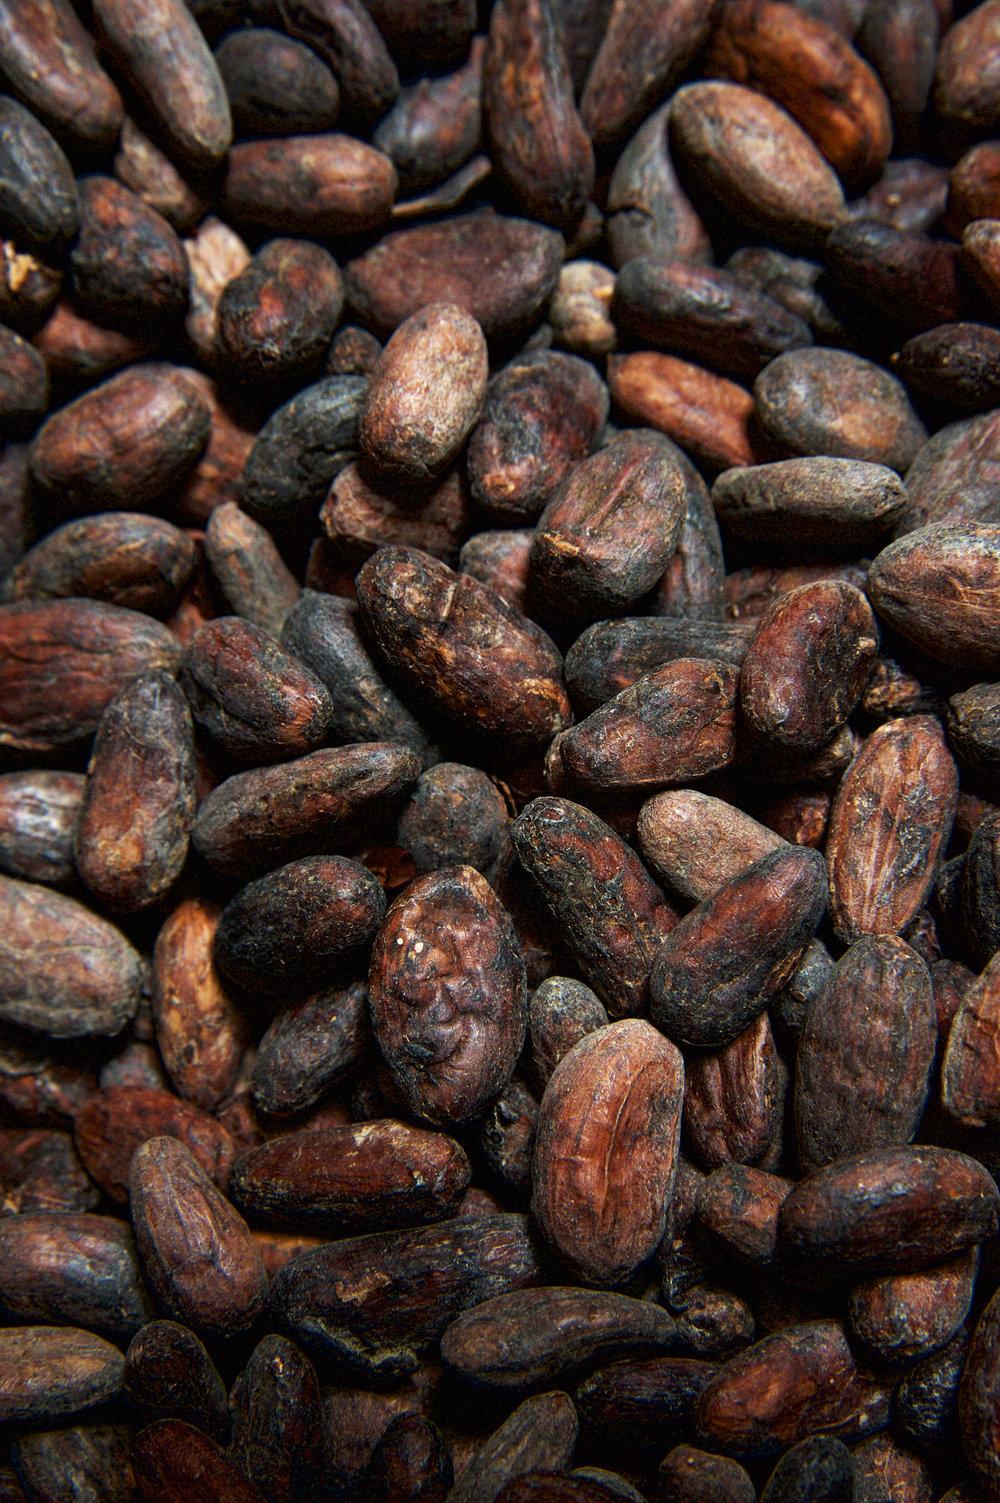 Kakaobohnen_DSC4390.jpg